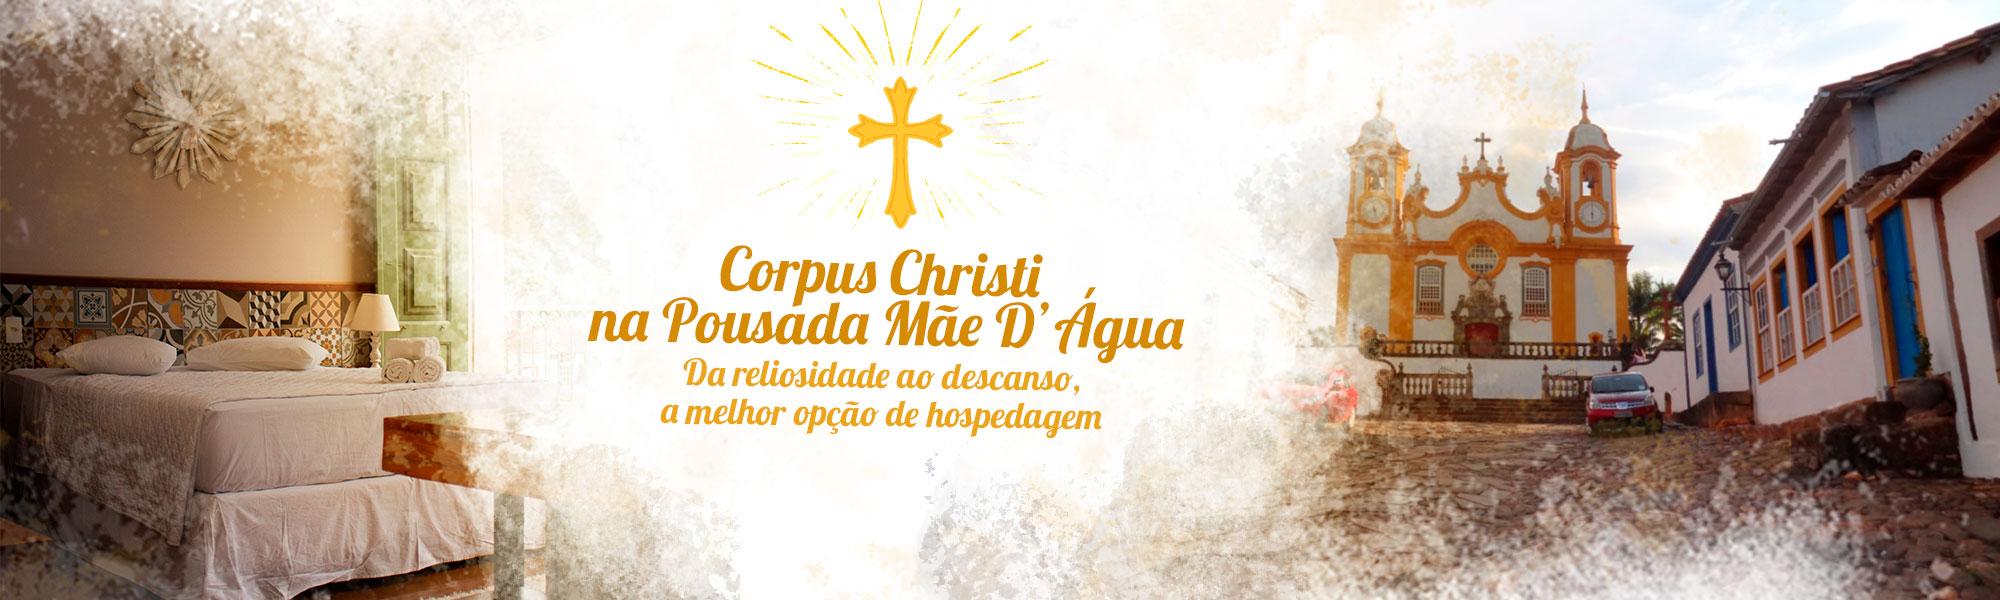 pousadamaedagua_site_corpuschristi